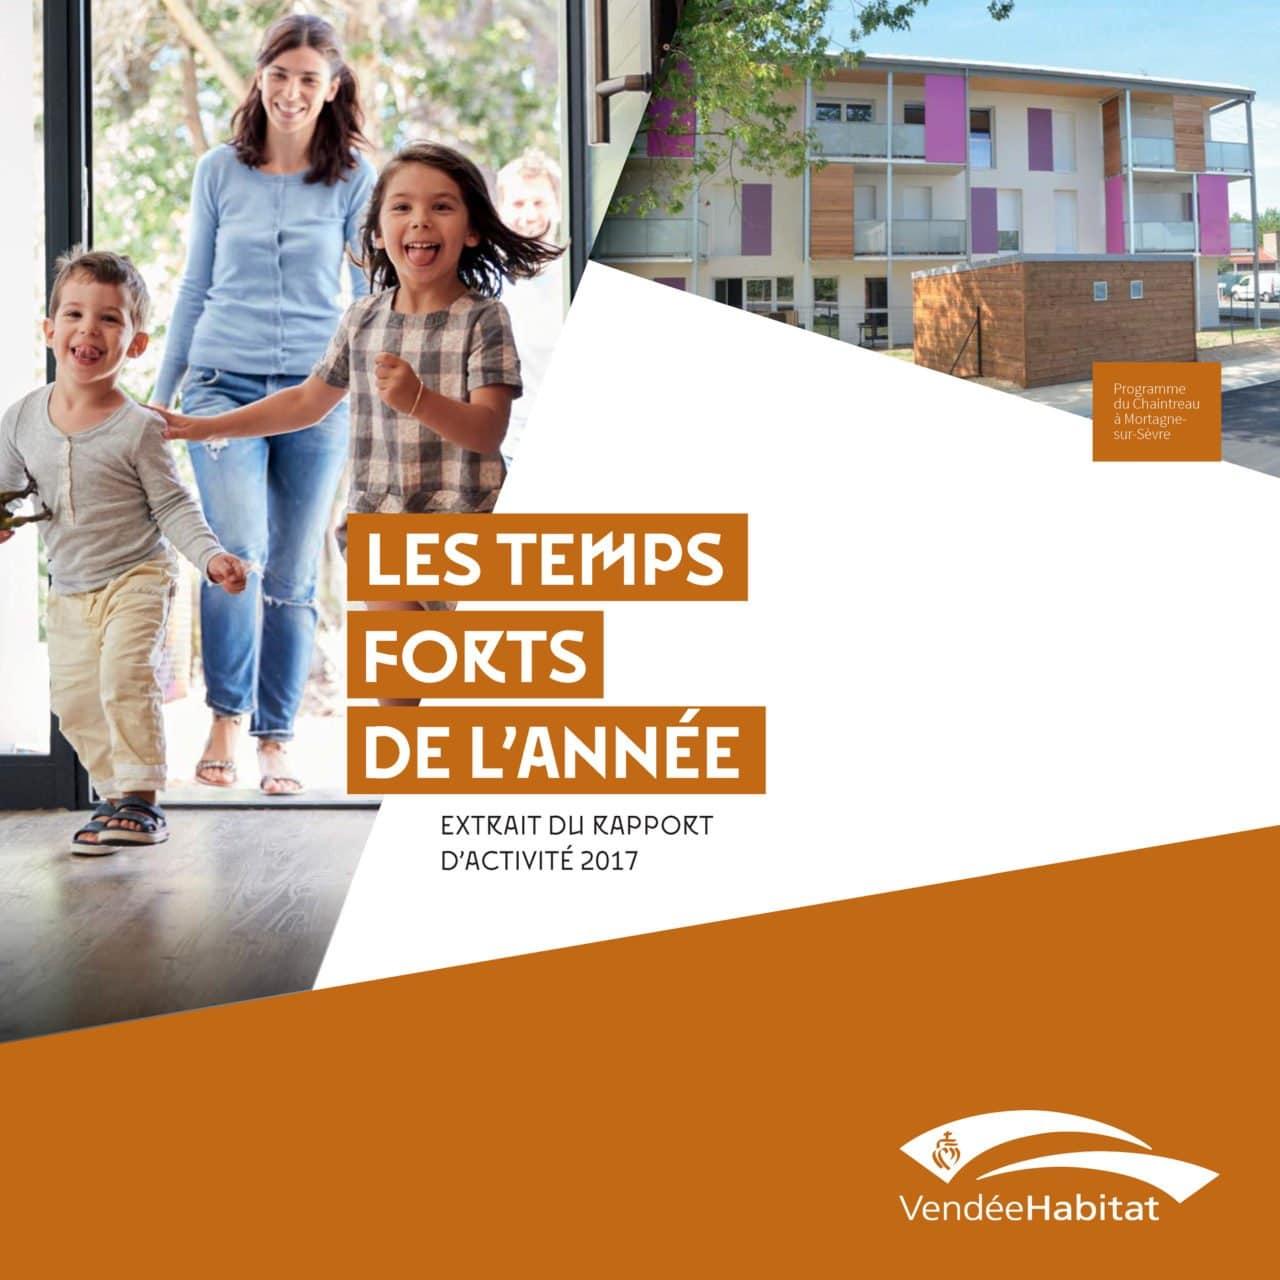 Vendée Habitat - Logement social - Rapport d'activité 2017